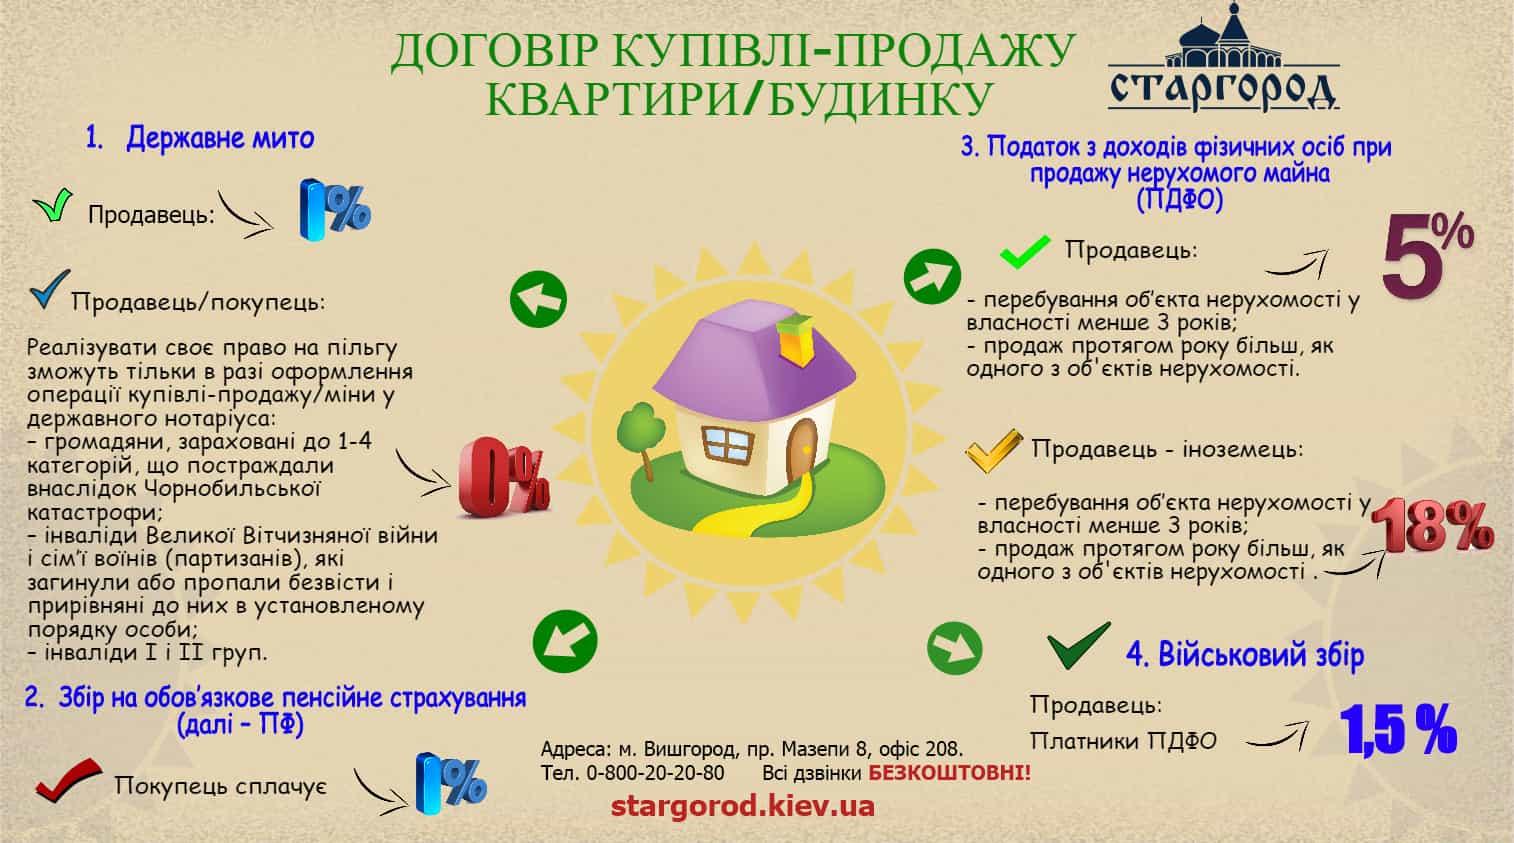 Договір купівлі/продажу квартири або будинку